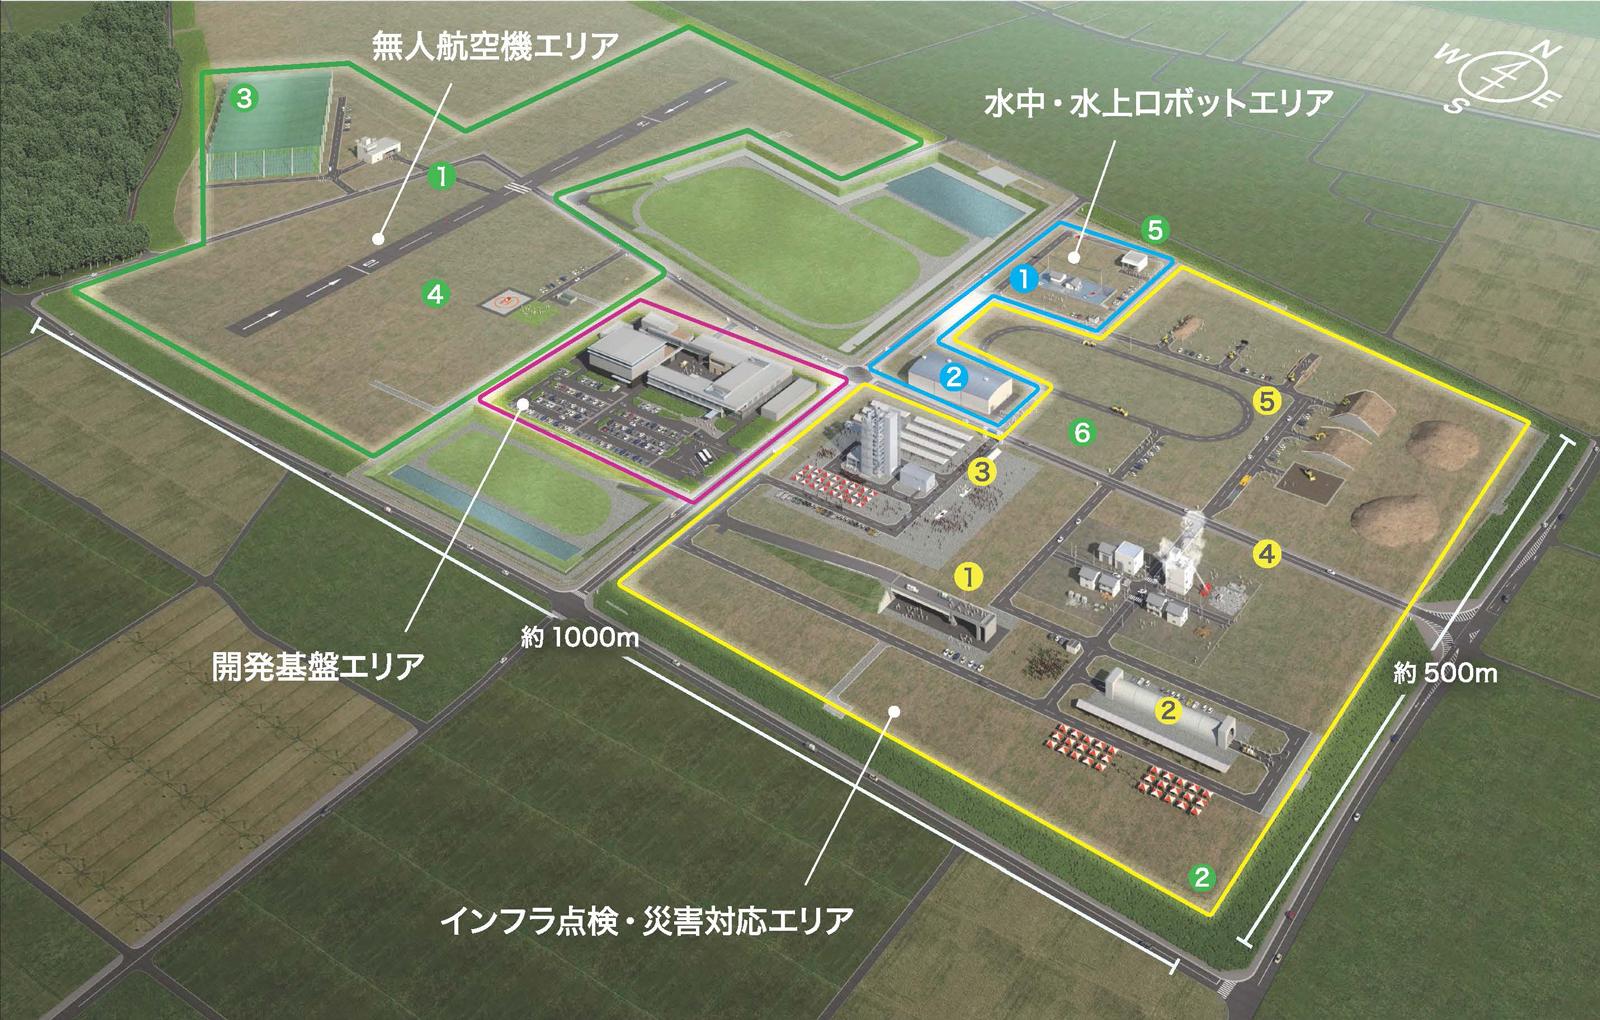 NEDOが飛行試験などを行う「福島ロボットテストフィールド」(福島県南相馬市)。陸・海・空のフィールドロボットを対象に使用環境を再現しながら試験や性能評価などができる